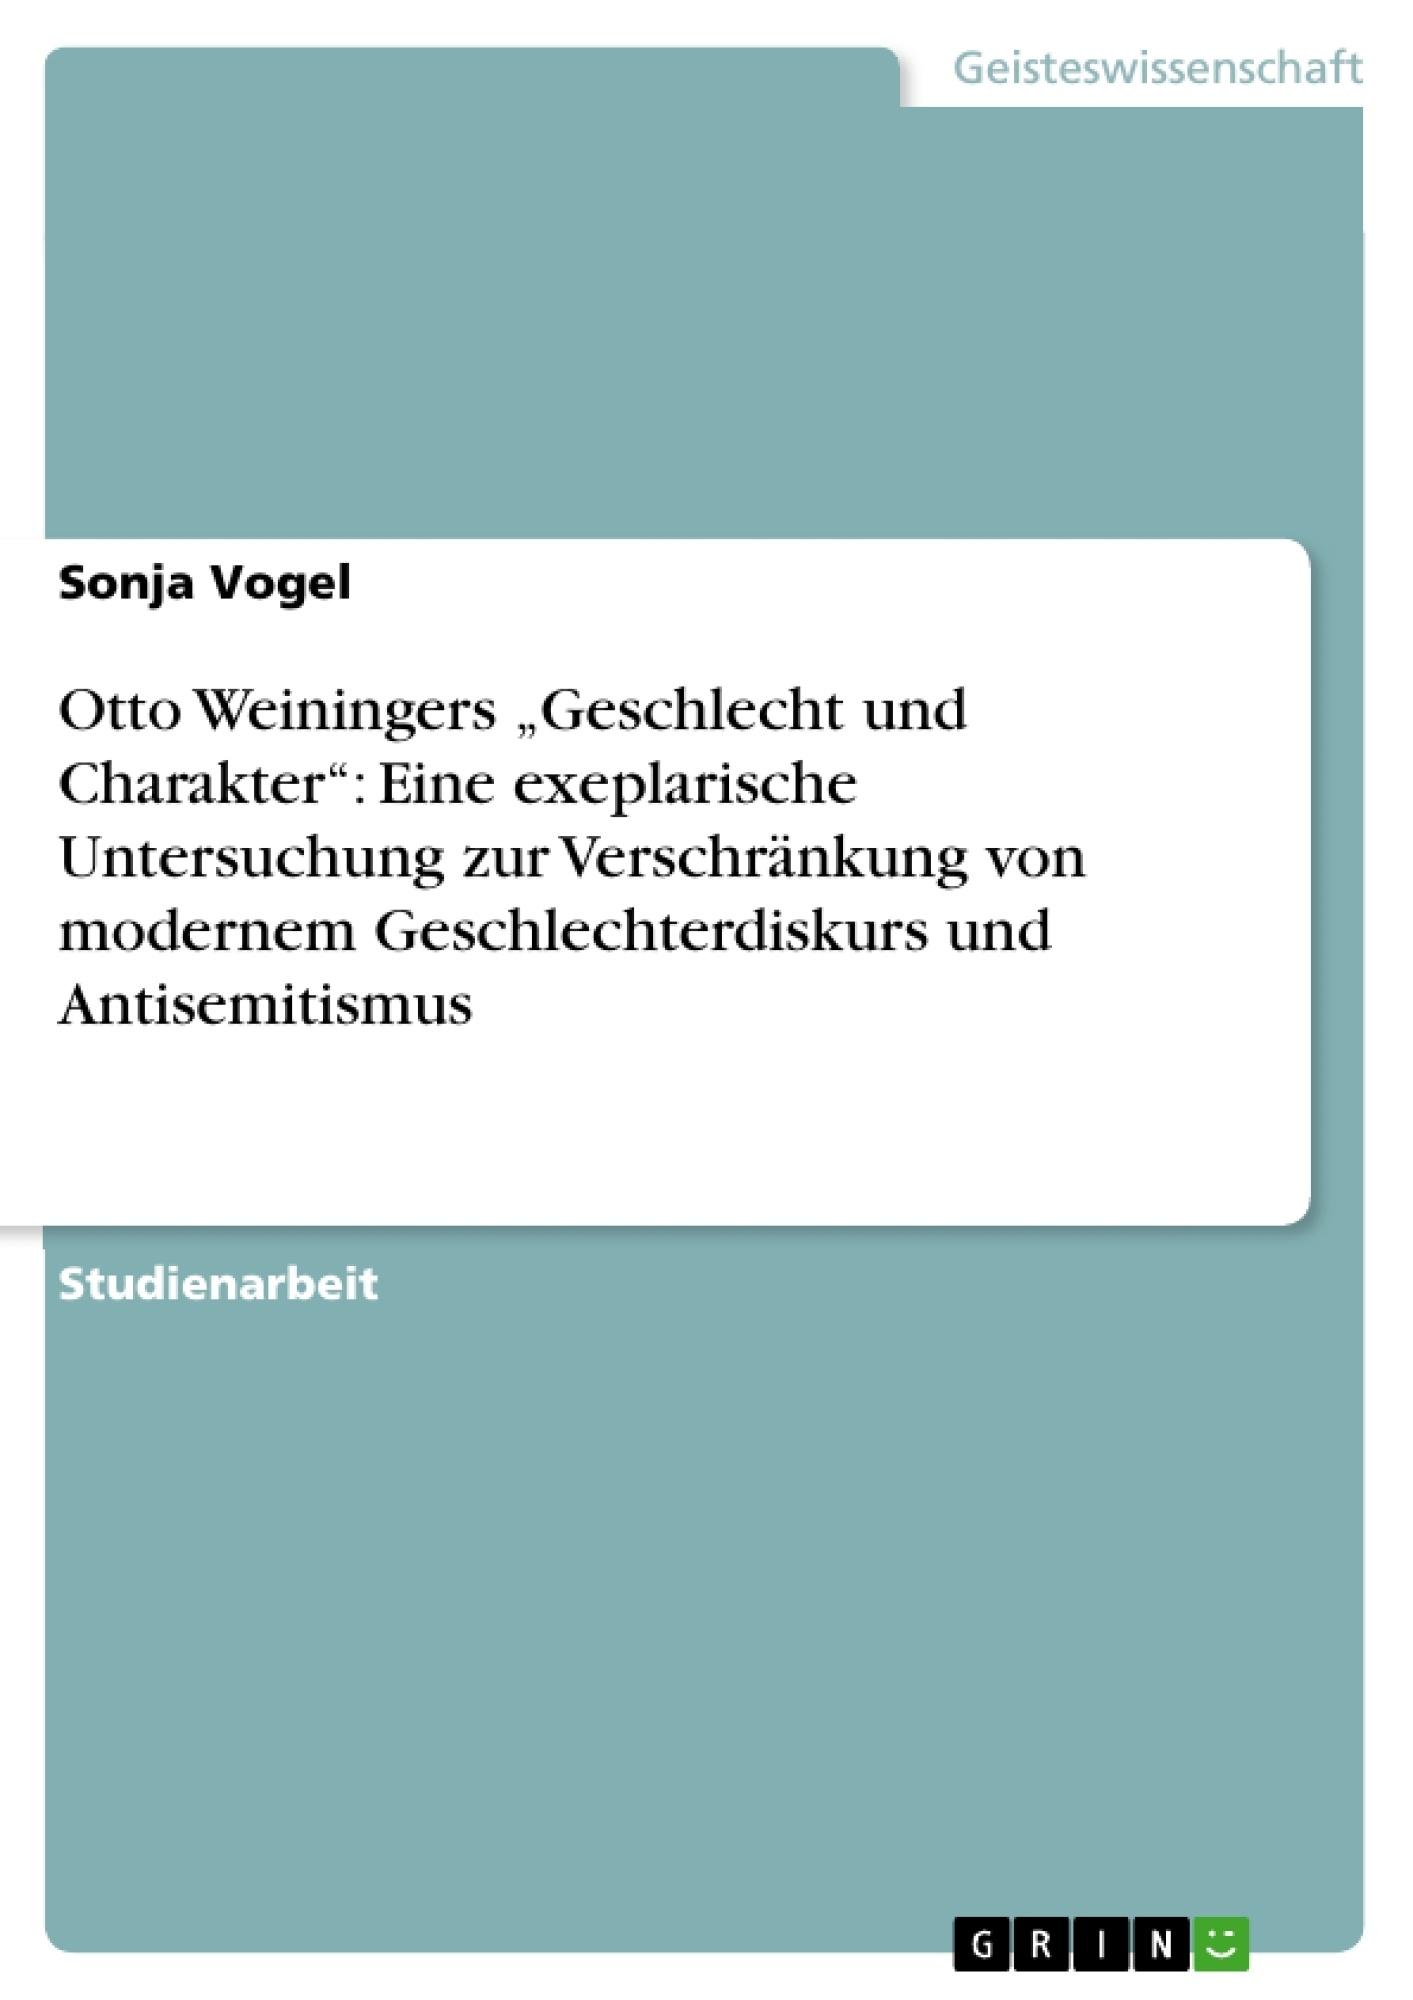 """Titel: Otto Weiningers """"Geschlecht und Charakter"""": Eine exeplarische Untersuchung zur Verschränkung von modernem Geschlechterdiskurs und Antisemitismus"""